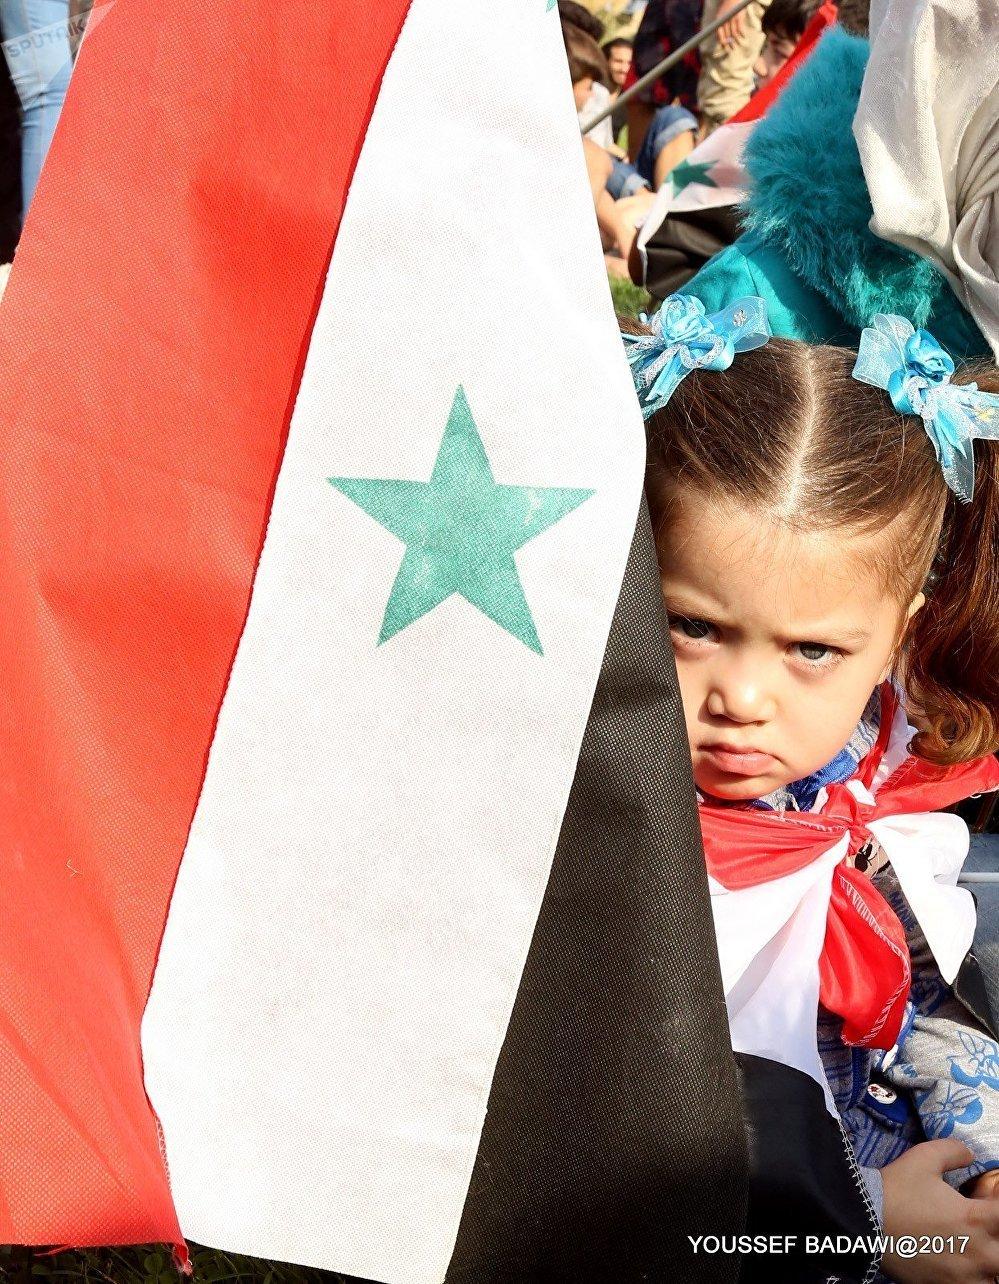 حلم السوريون تحقق رغم الخسارة